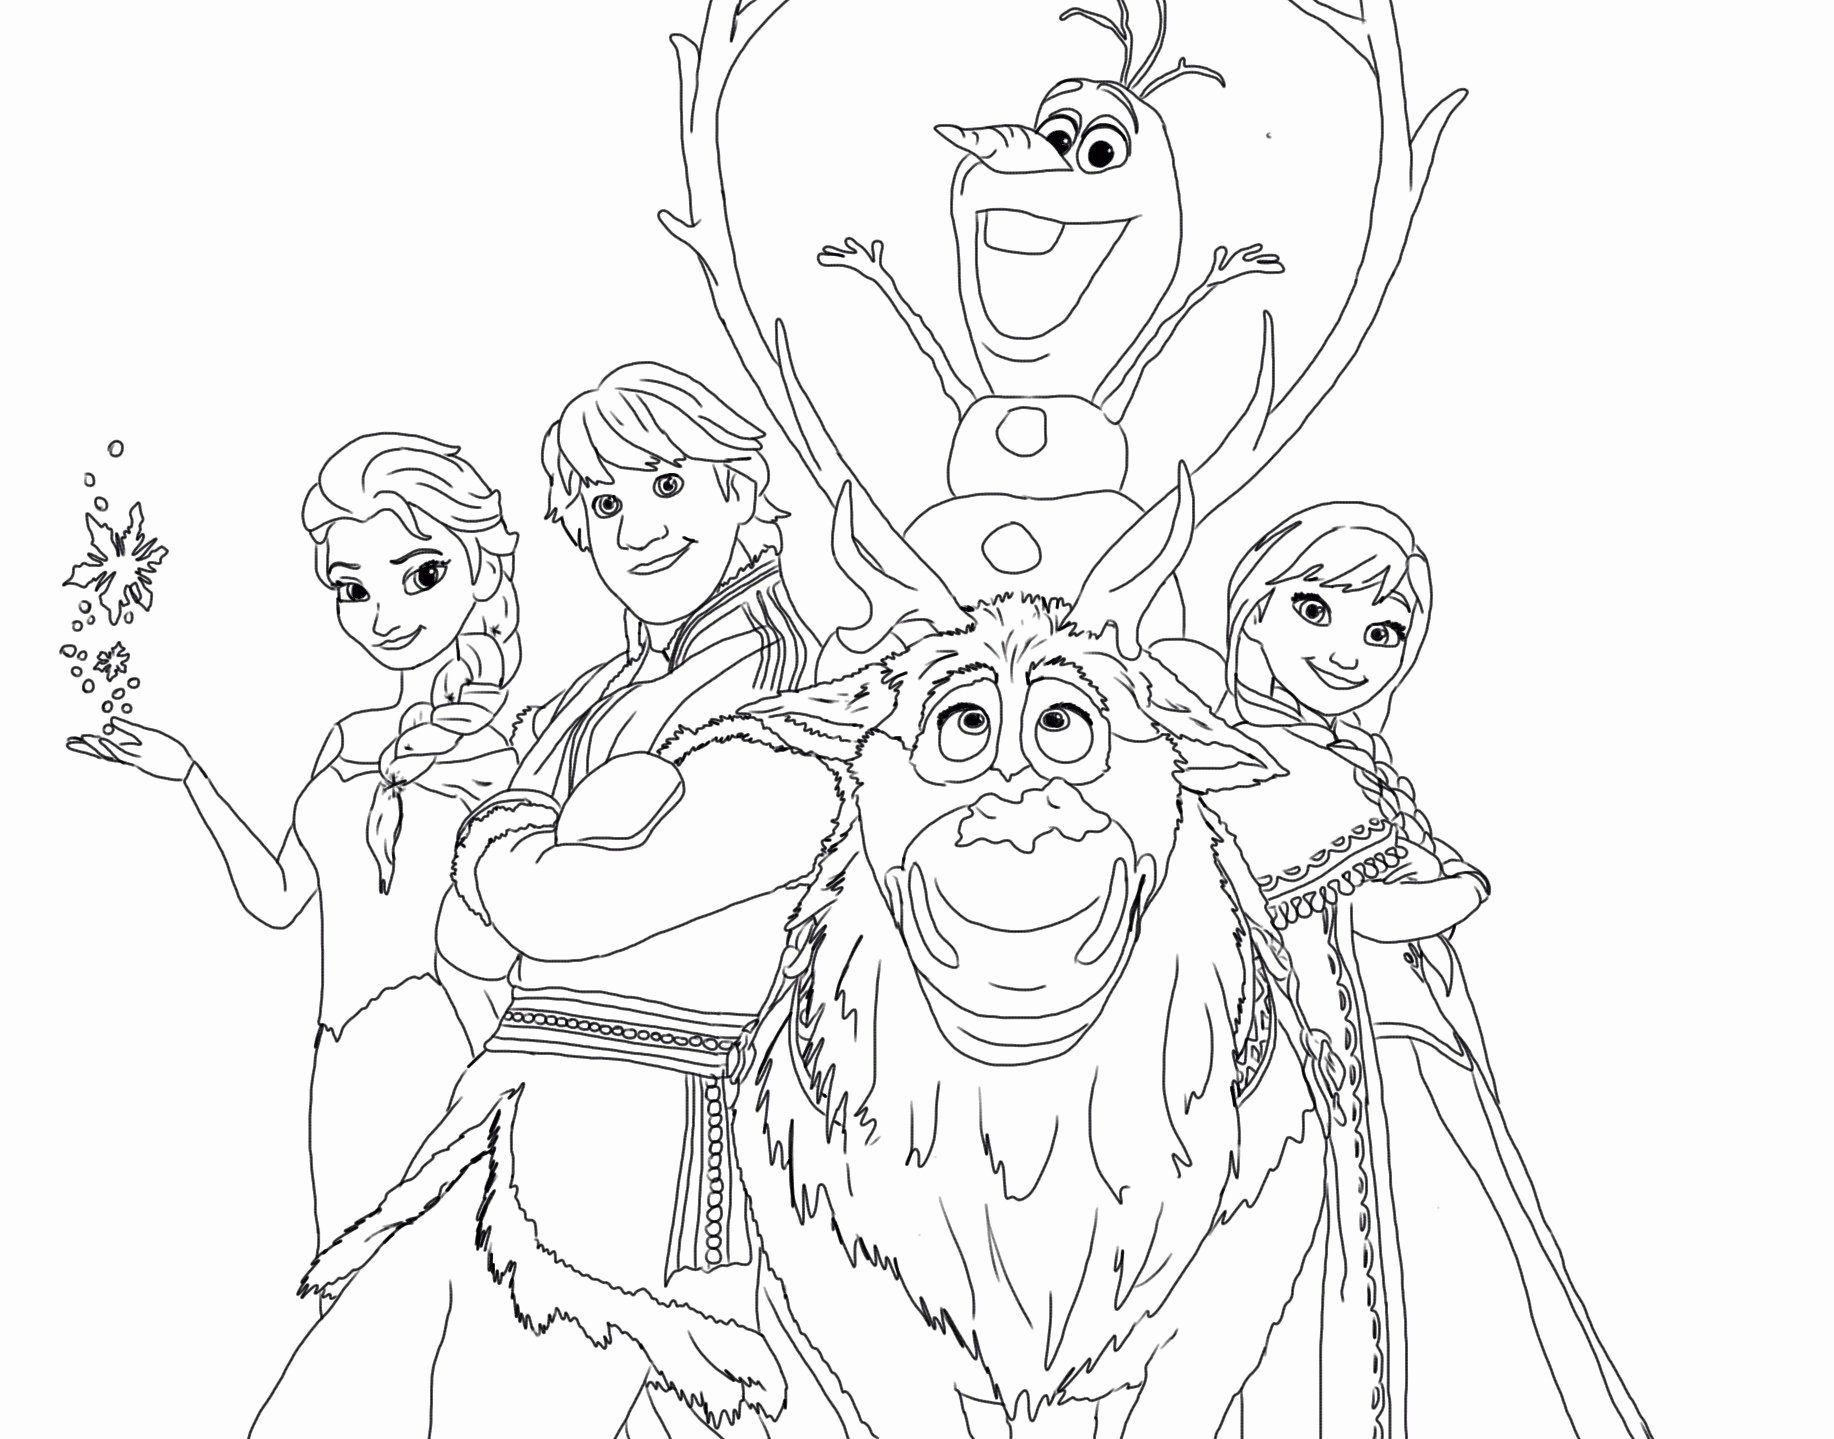 Malvorlagen Kinder Frozen - tiffanylovesbooks